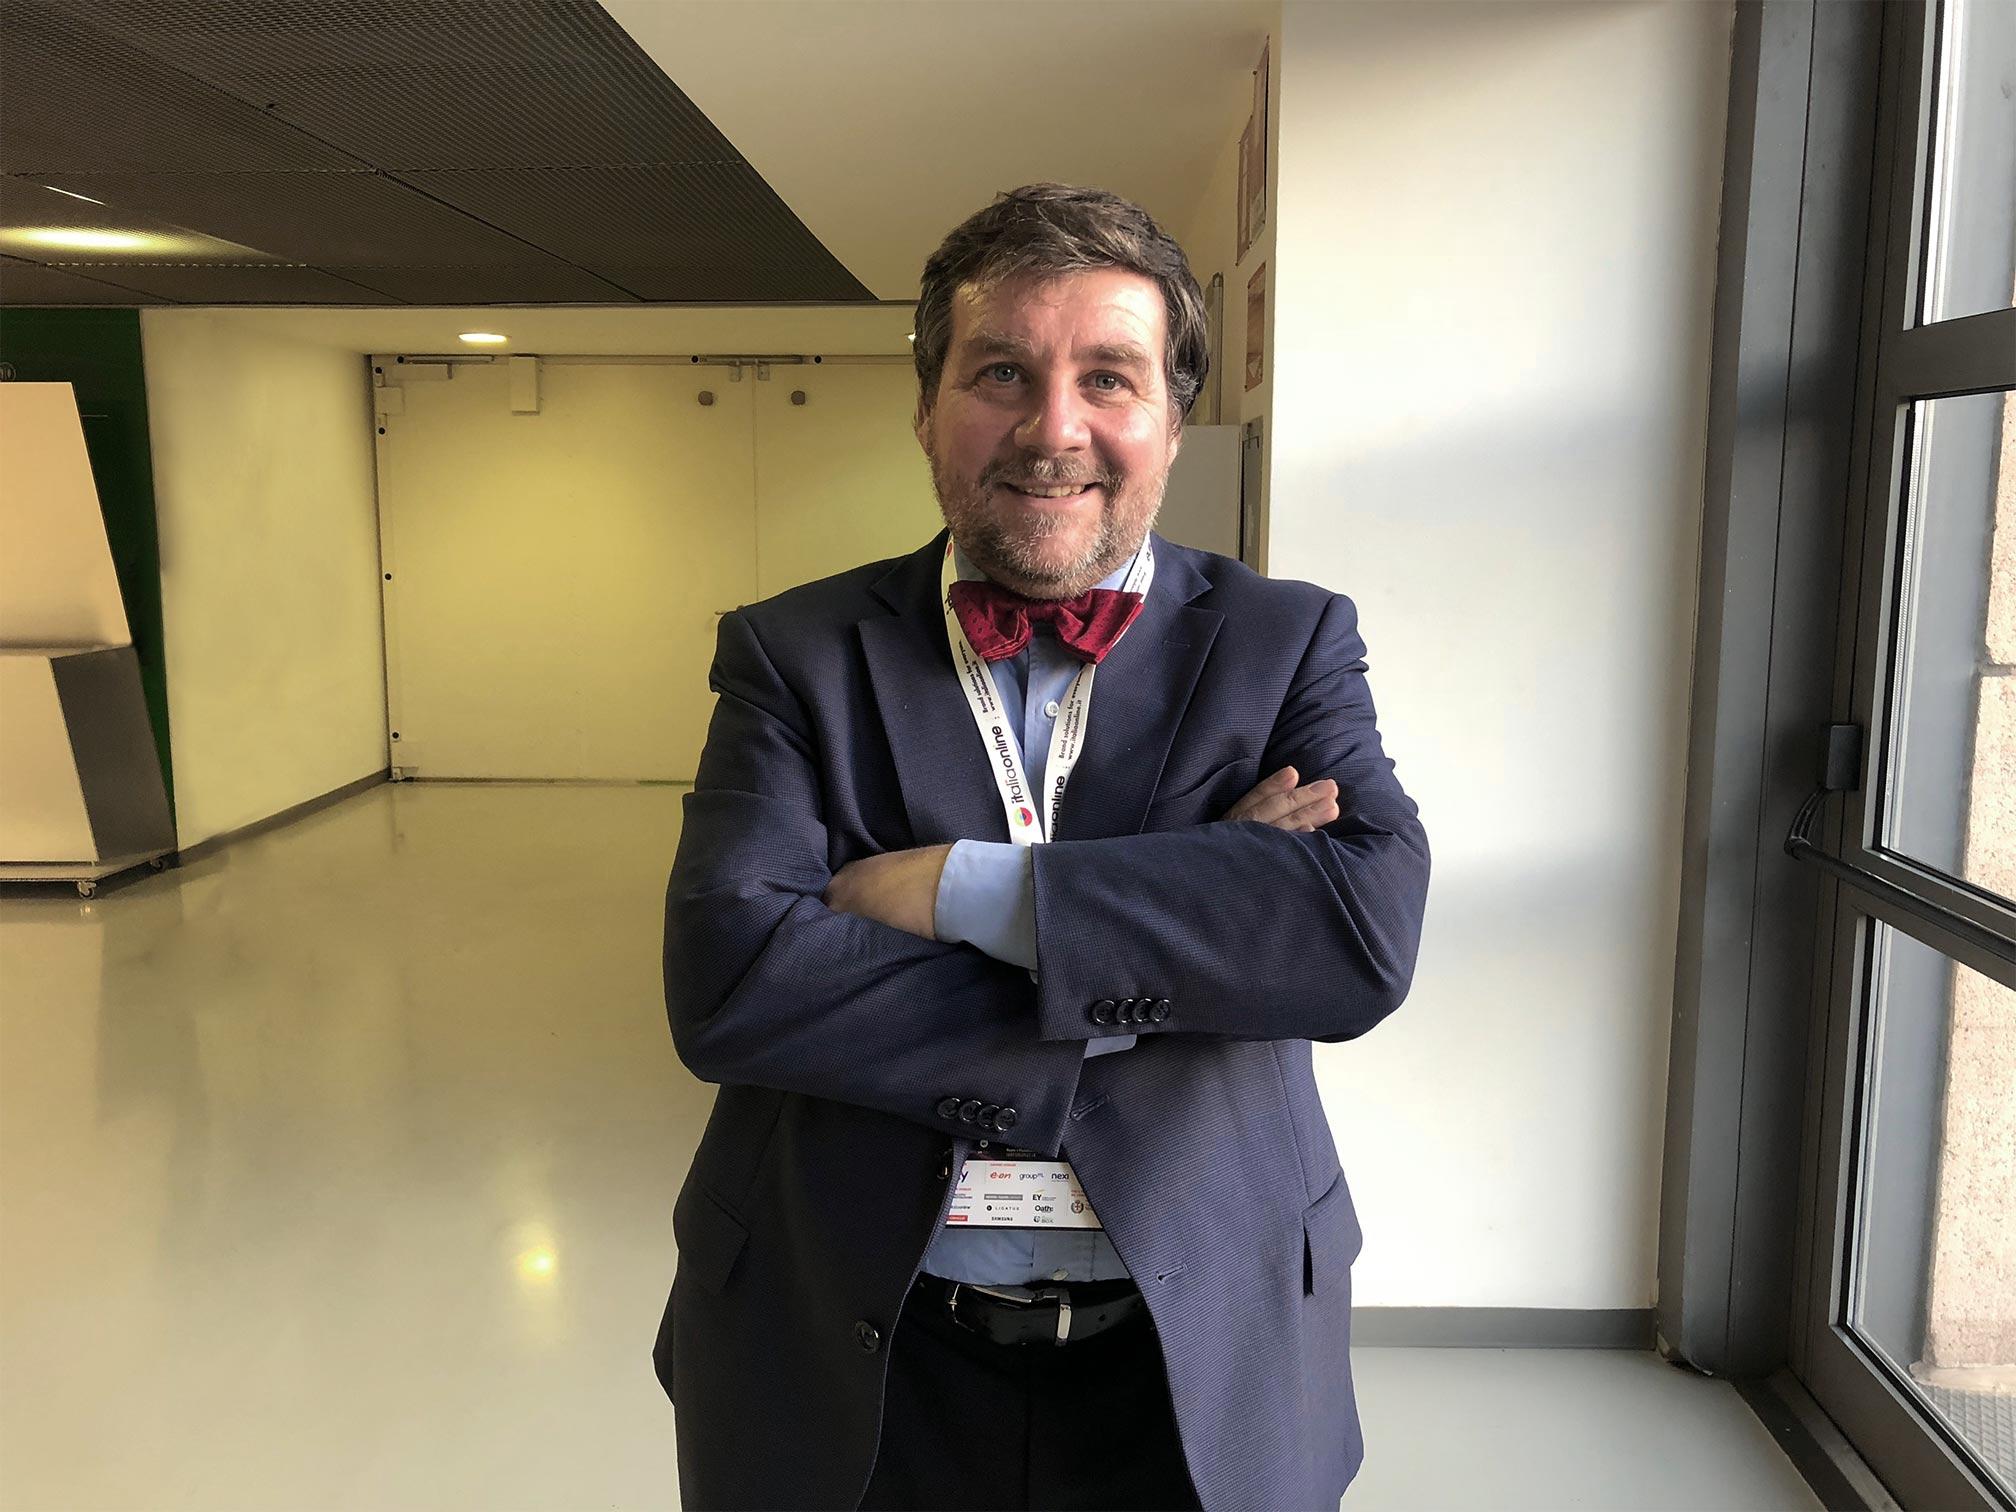 """Luca Mercalli, meteorologo, divulgatore scientifico e climatologo, volto noto agli italiani per la sua partecipazione alla trasmissione televisiva Rai """"Che tempo che fa""""'"""